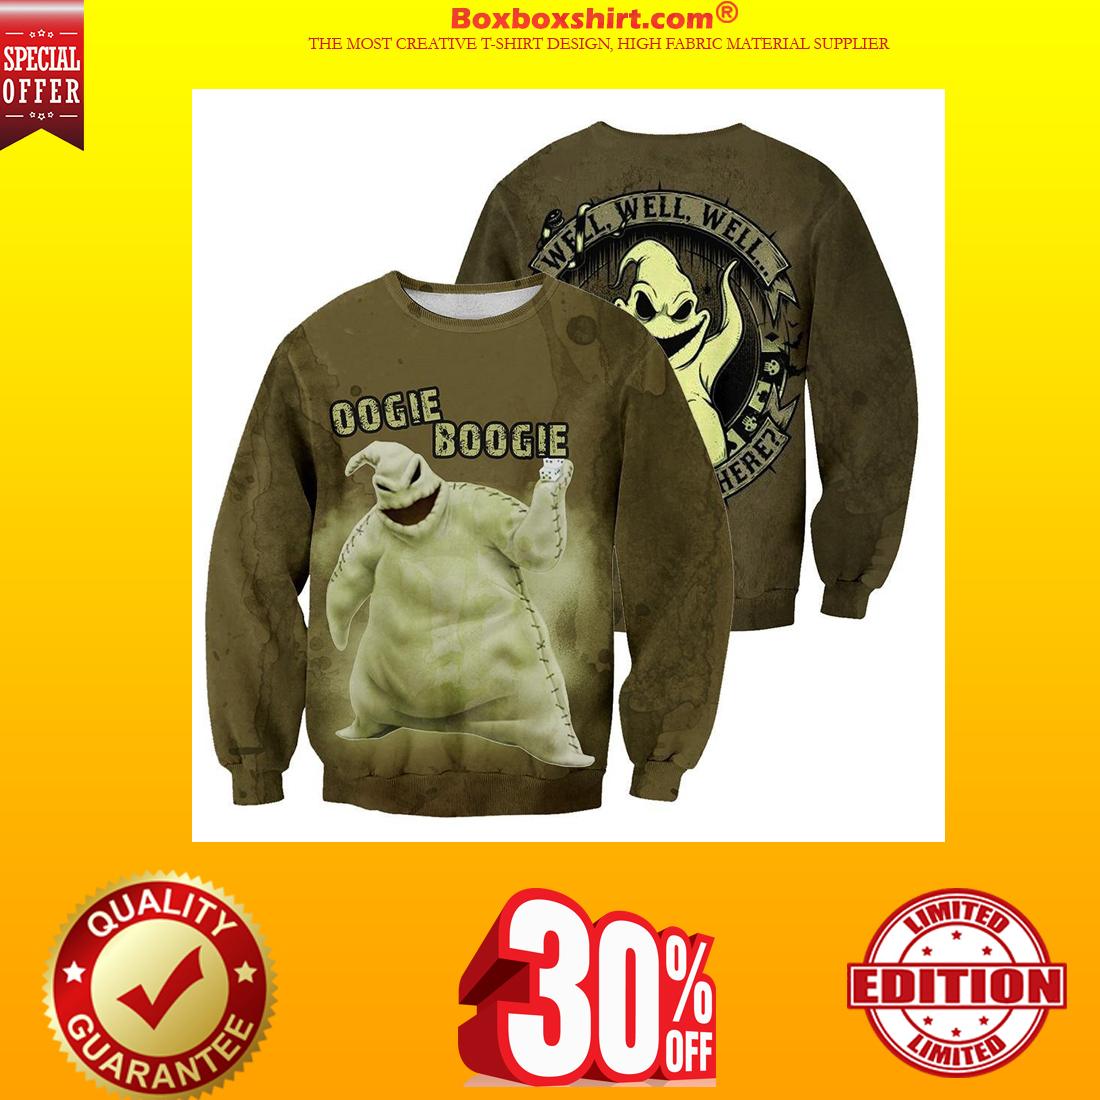 Oogie Boogie 3d sweatshirt